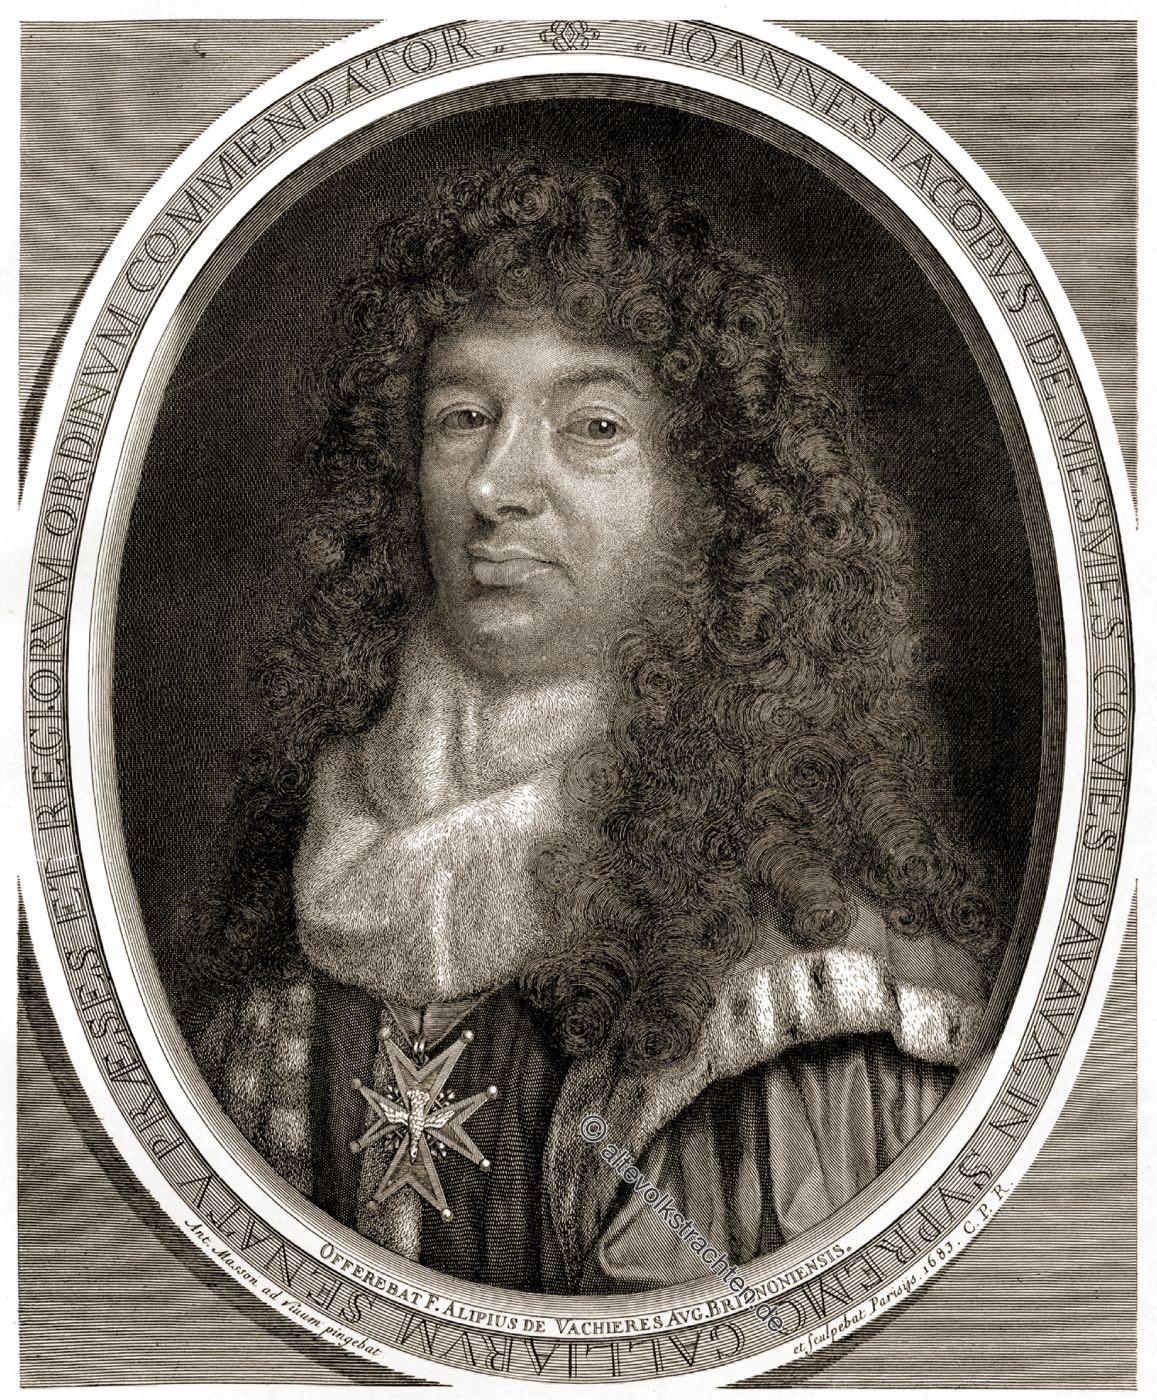 Jean-Jacques de Mesmes, Antoine Masson, Portrait, Adel, Frankreich, Barock